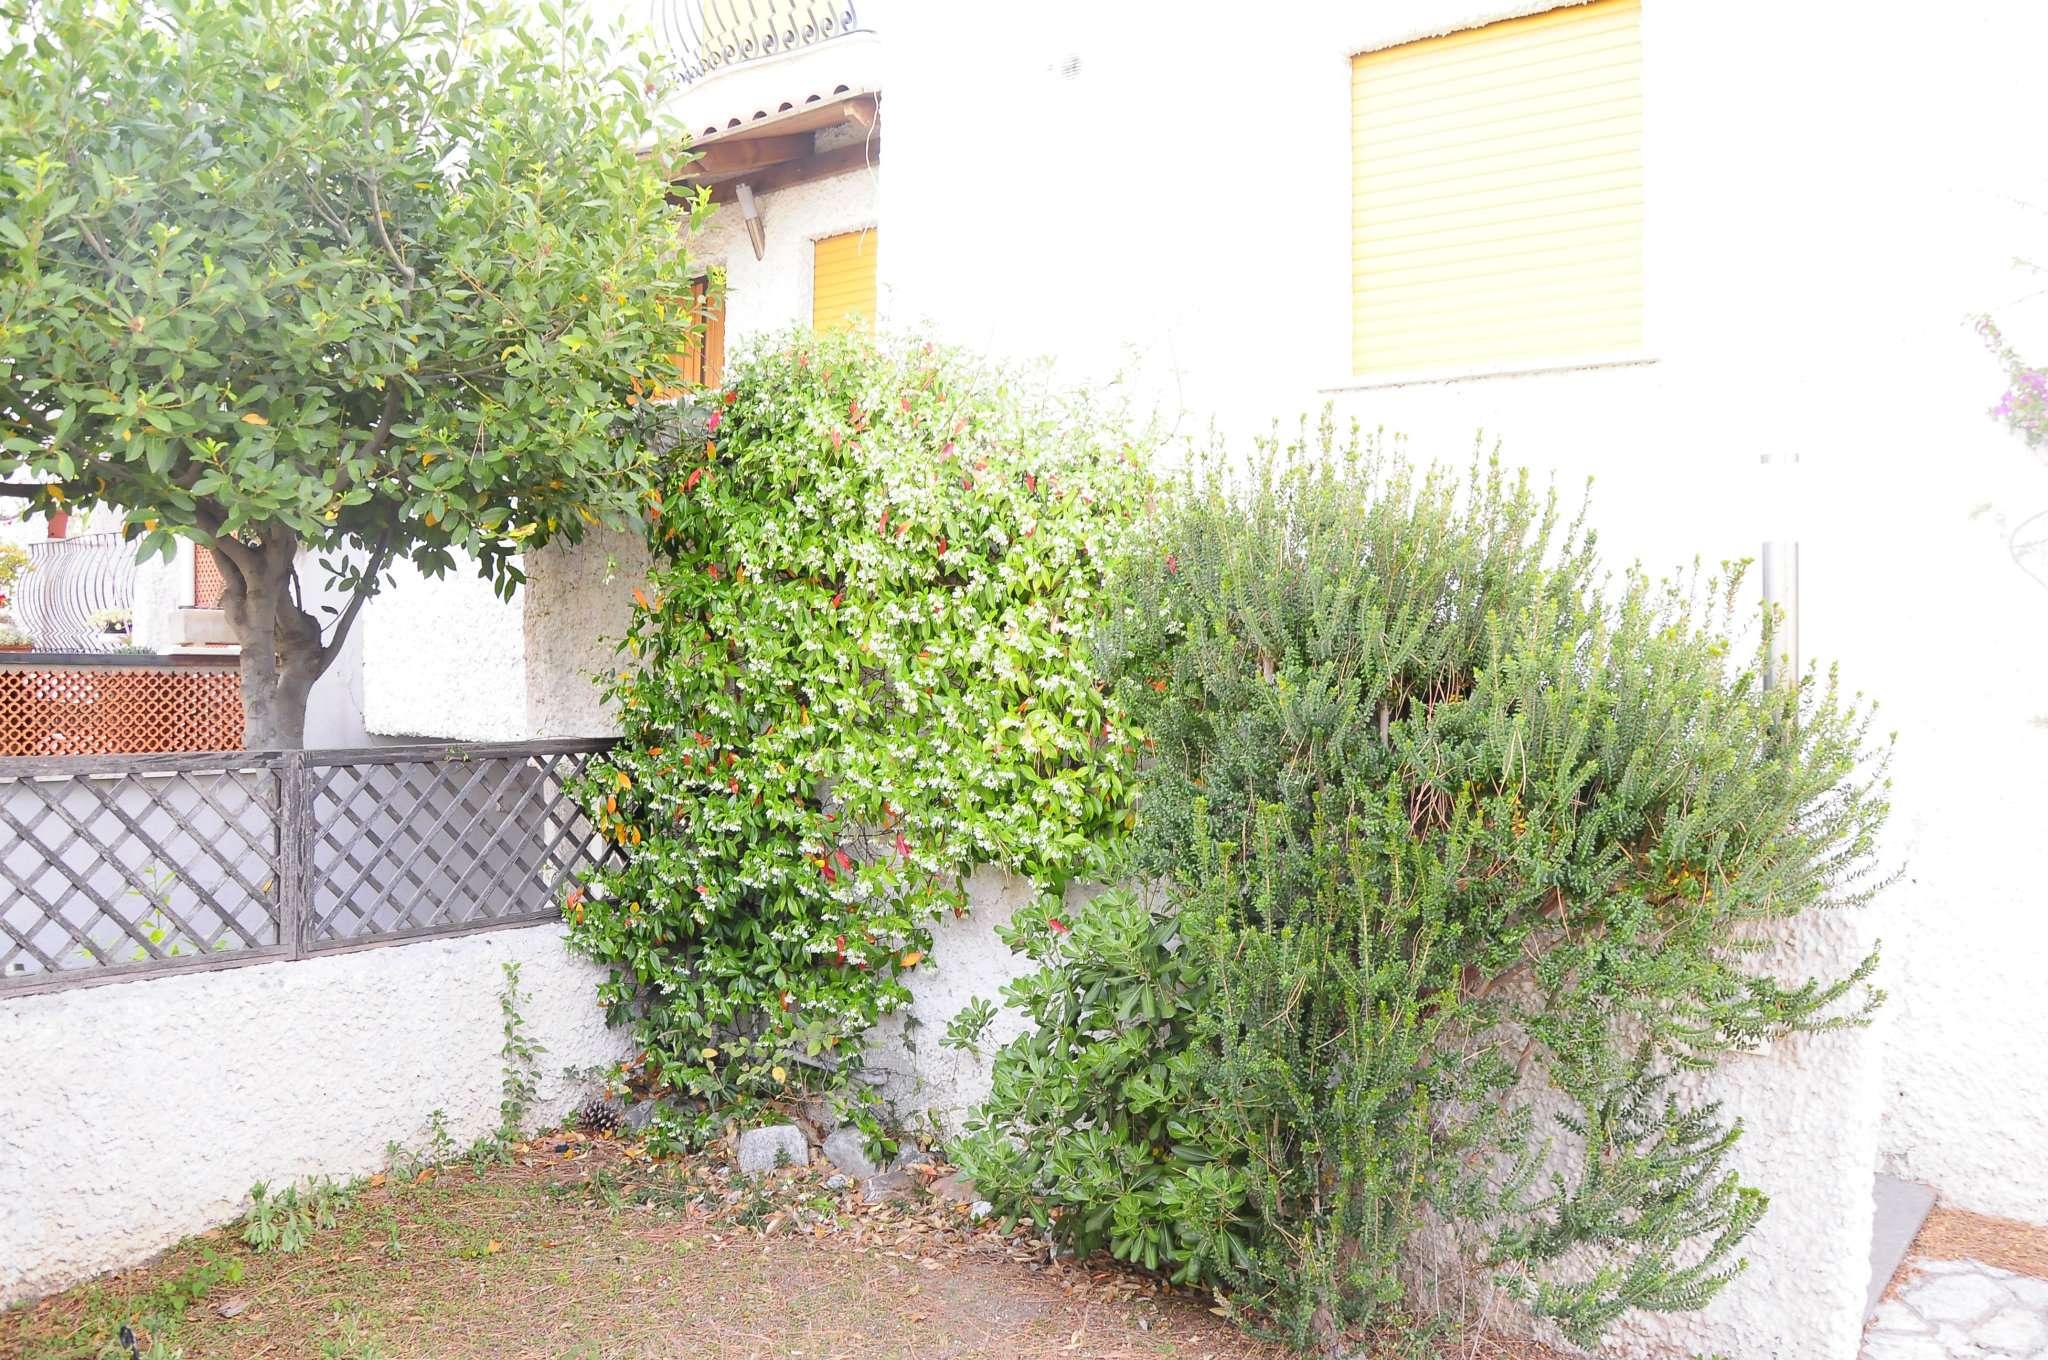 Villa Bifamiliare in vendita a Santa Marinella, 4 locali, prezzo € 390.000 | CambioCasa.it